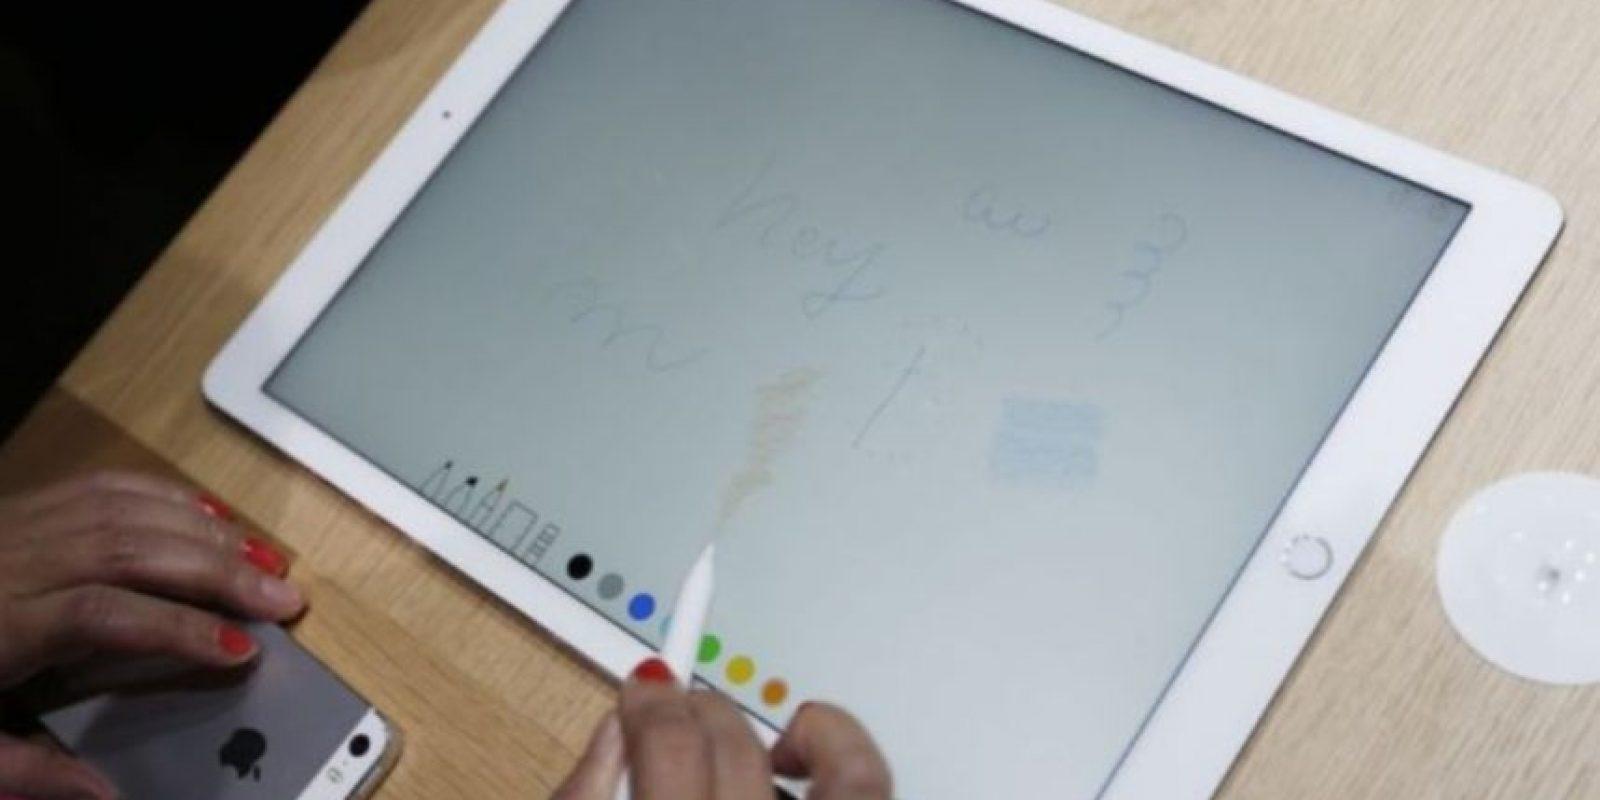 Apple Pencil ayudará en cuestiones de precisión Foto:Getty Images